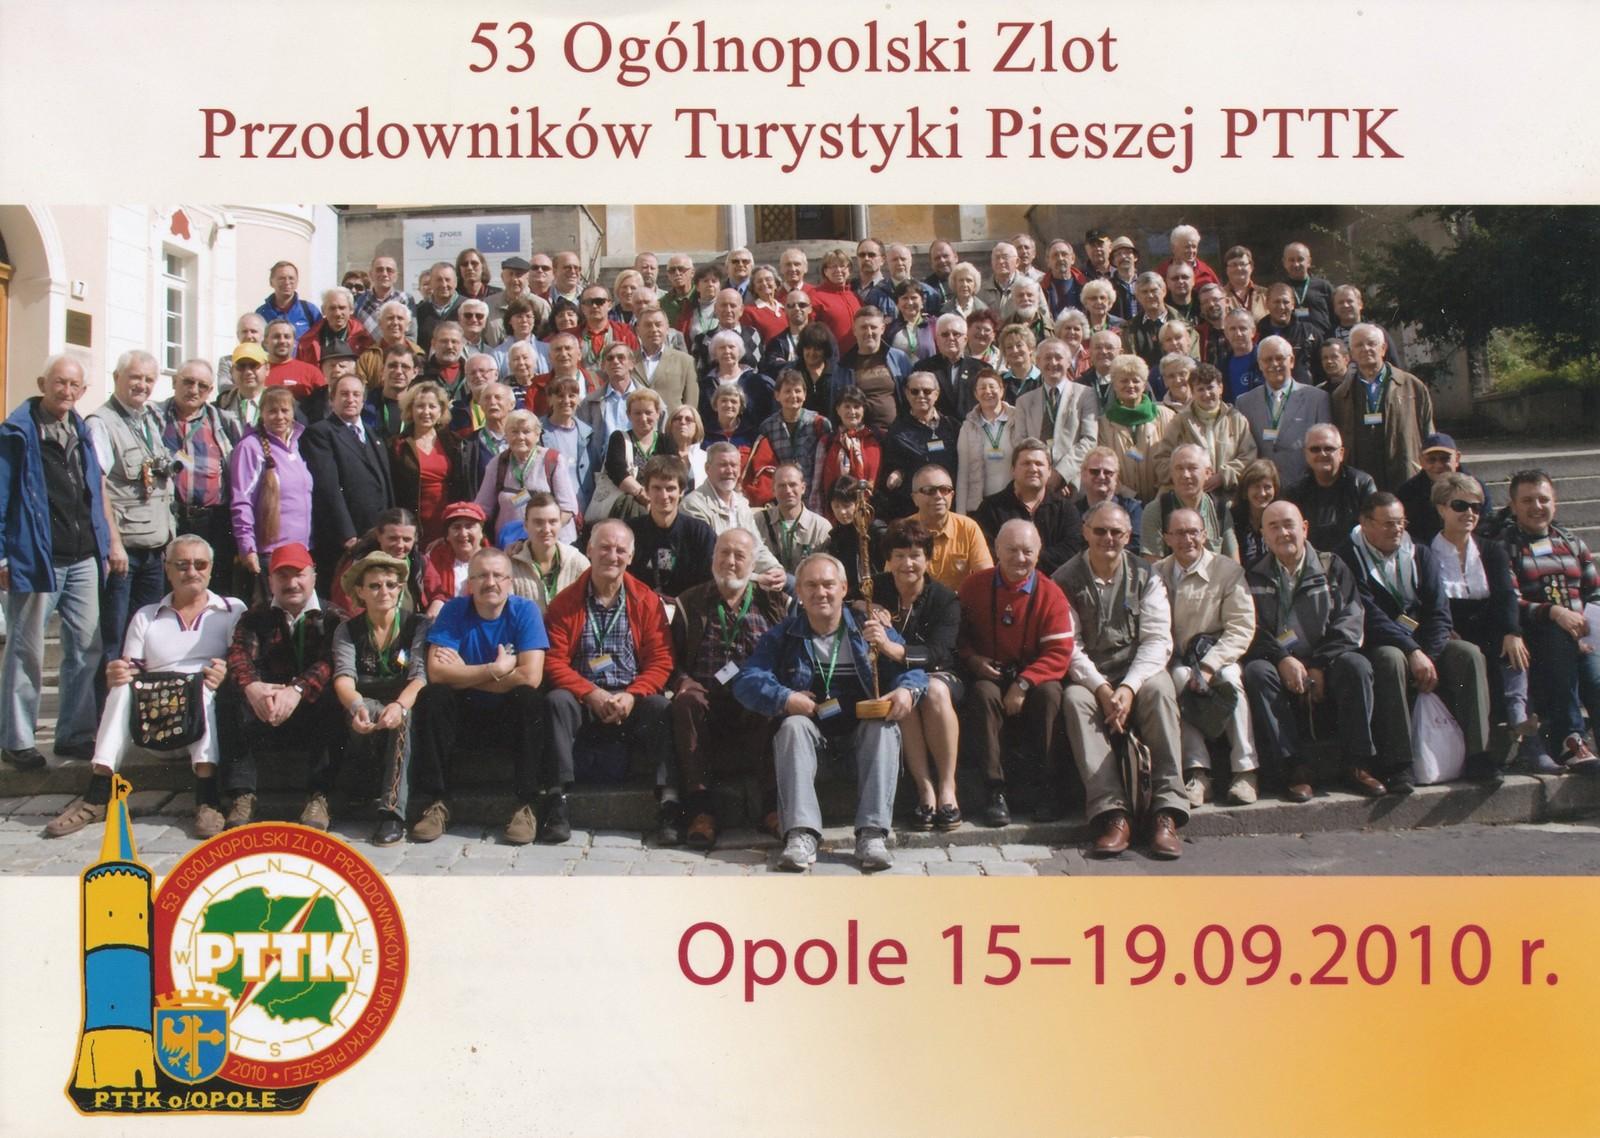 Zlot Przodowników Turystyki Pieszej 2010 [fot. archiwum Oddziału PTTK Opole]